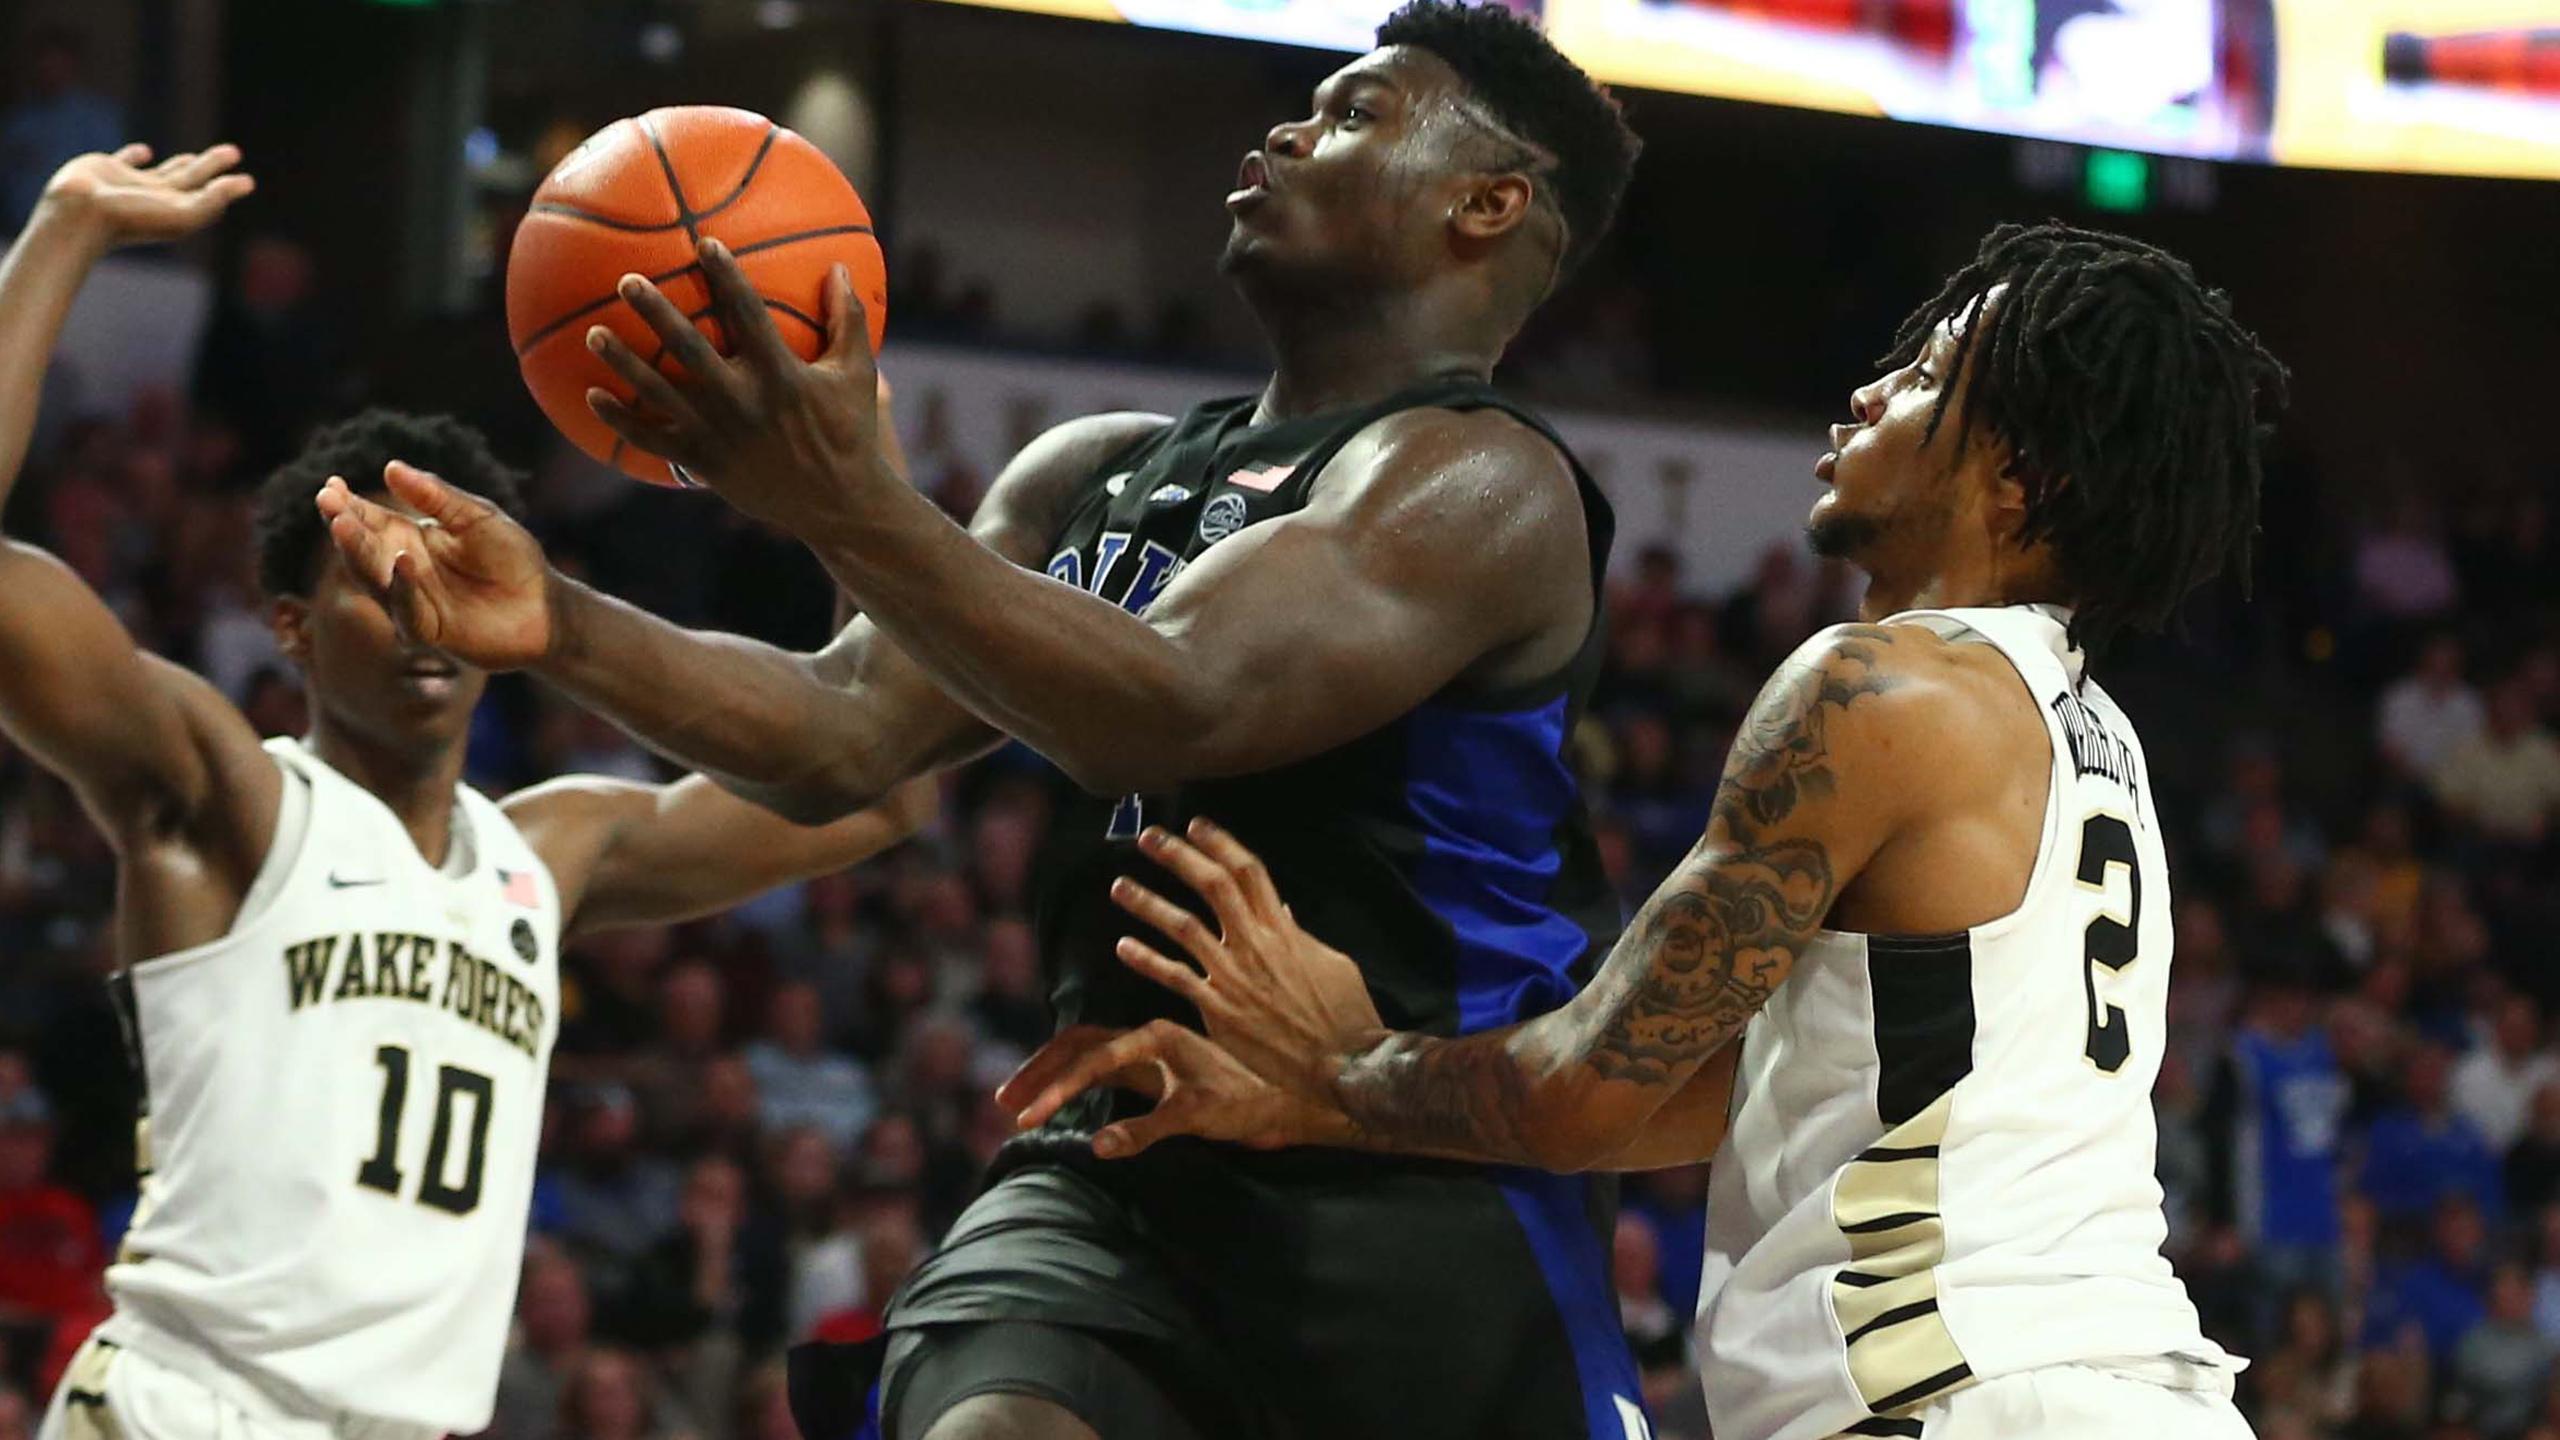 #1 Duke vs. Wake Forest (M Basketball)